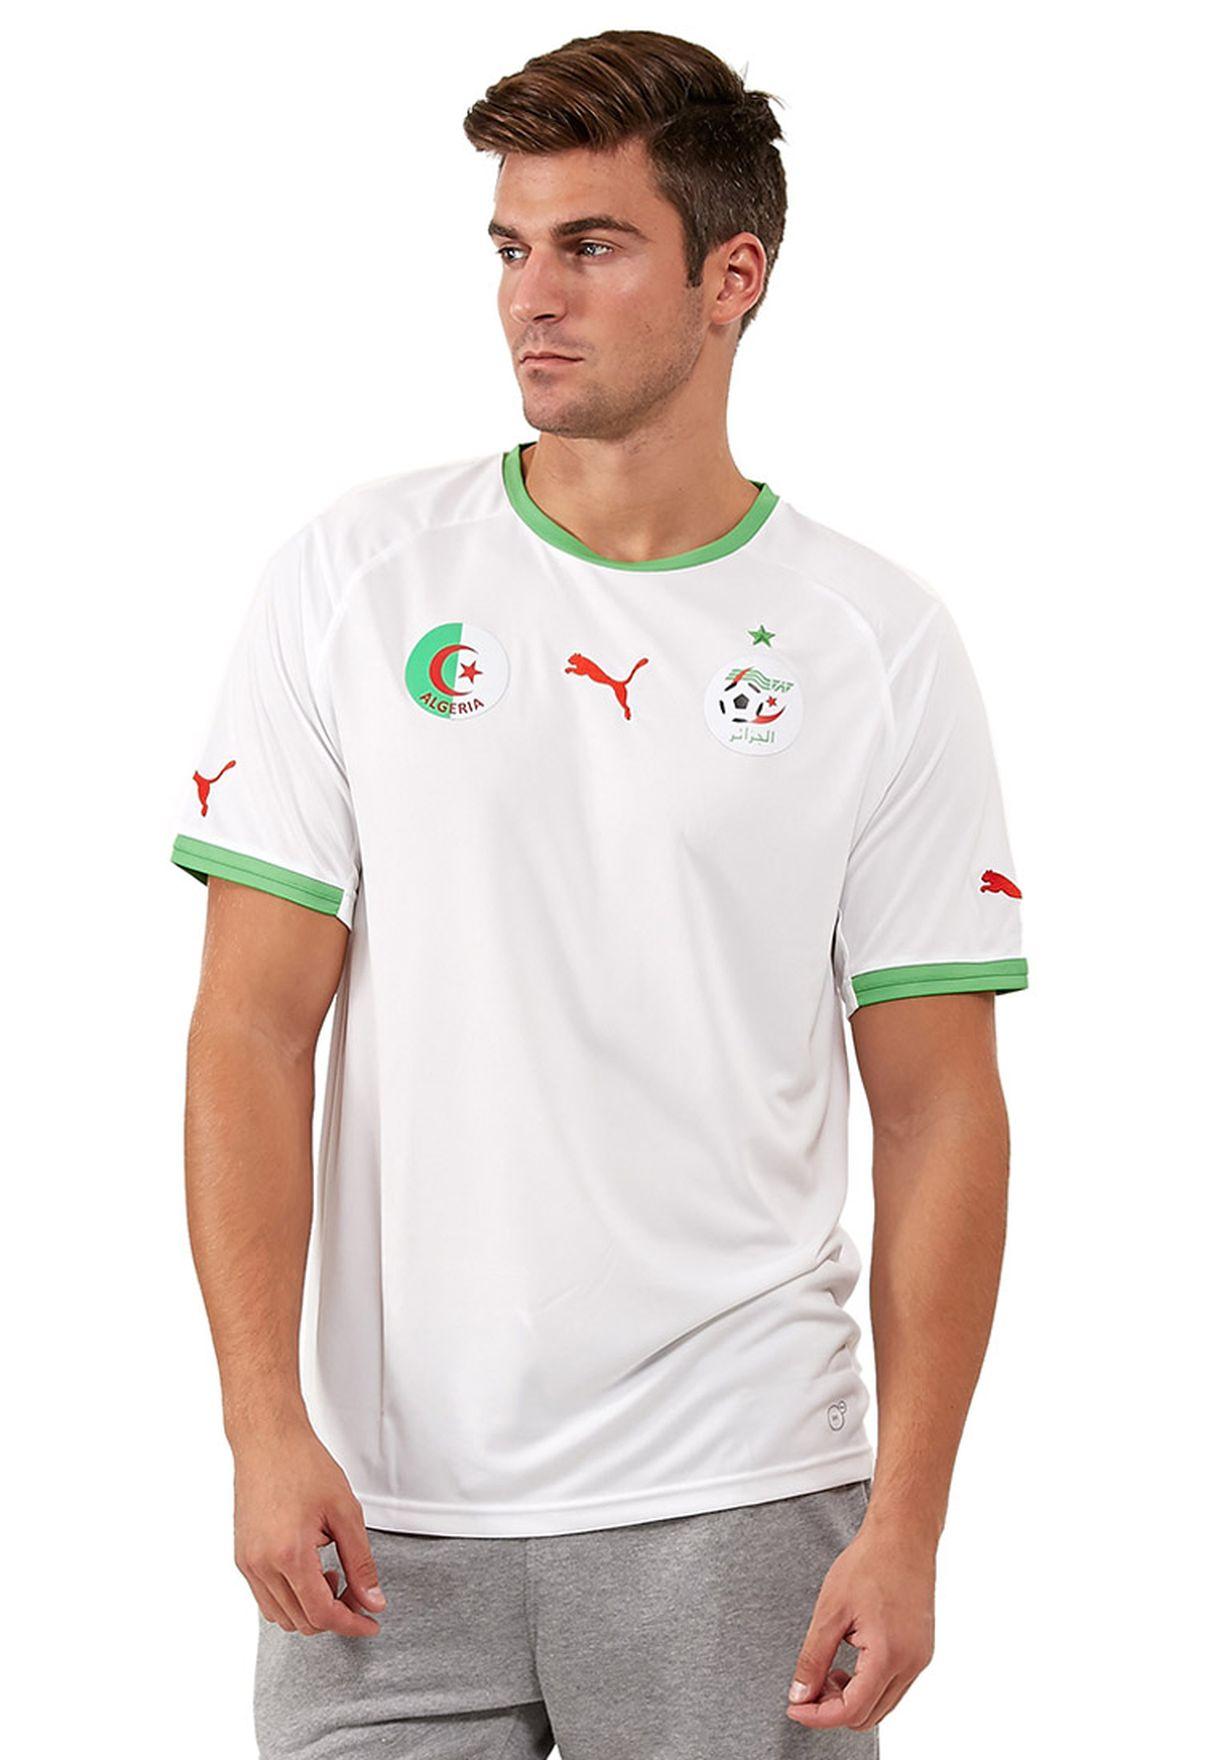 85d19261a8244 تسوق Algeria Home تى شيرت ماركة بوما لون أبيض 74462801 في السعودية ...